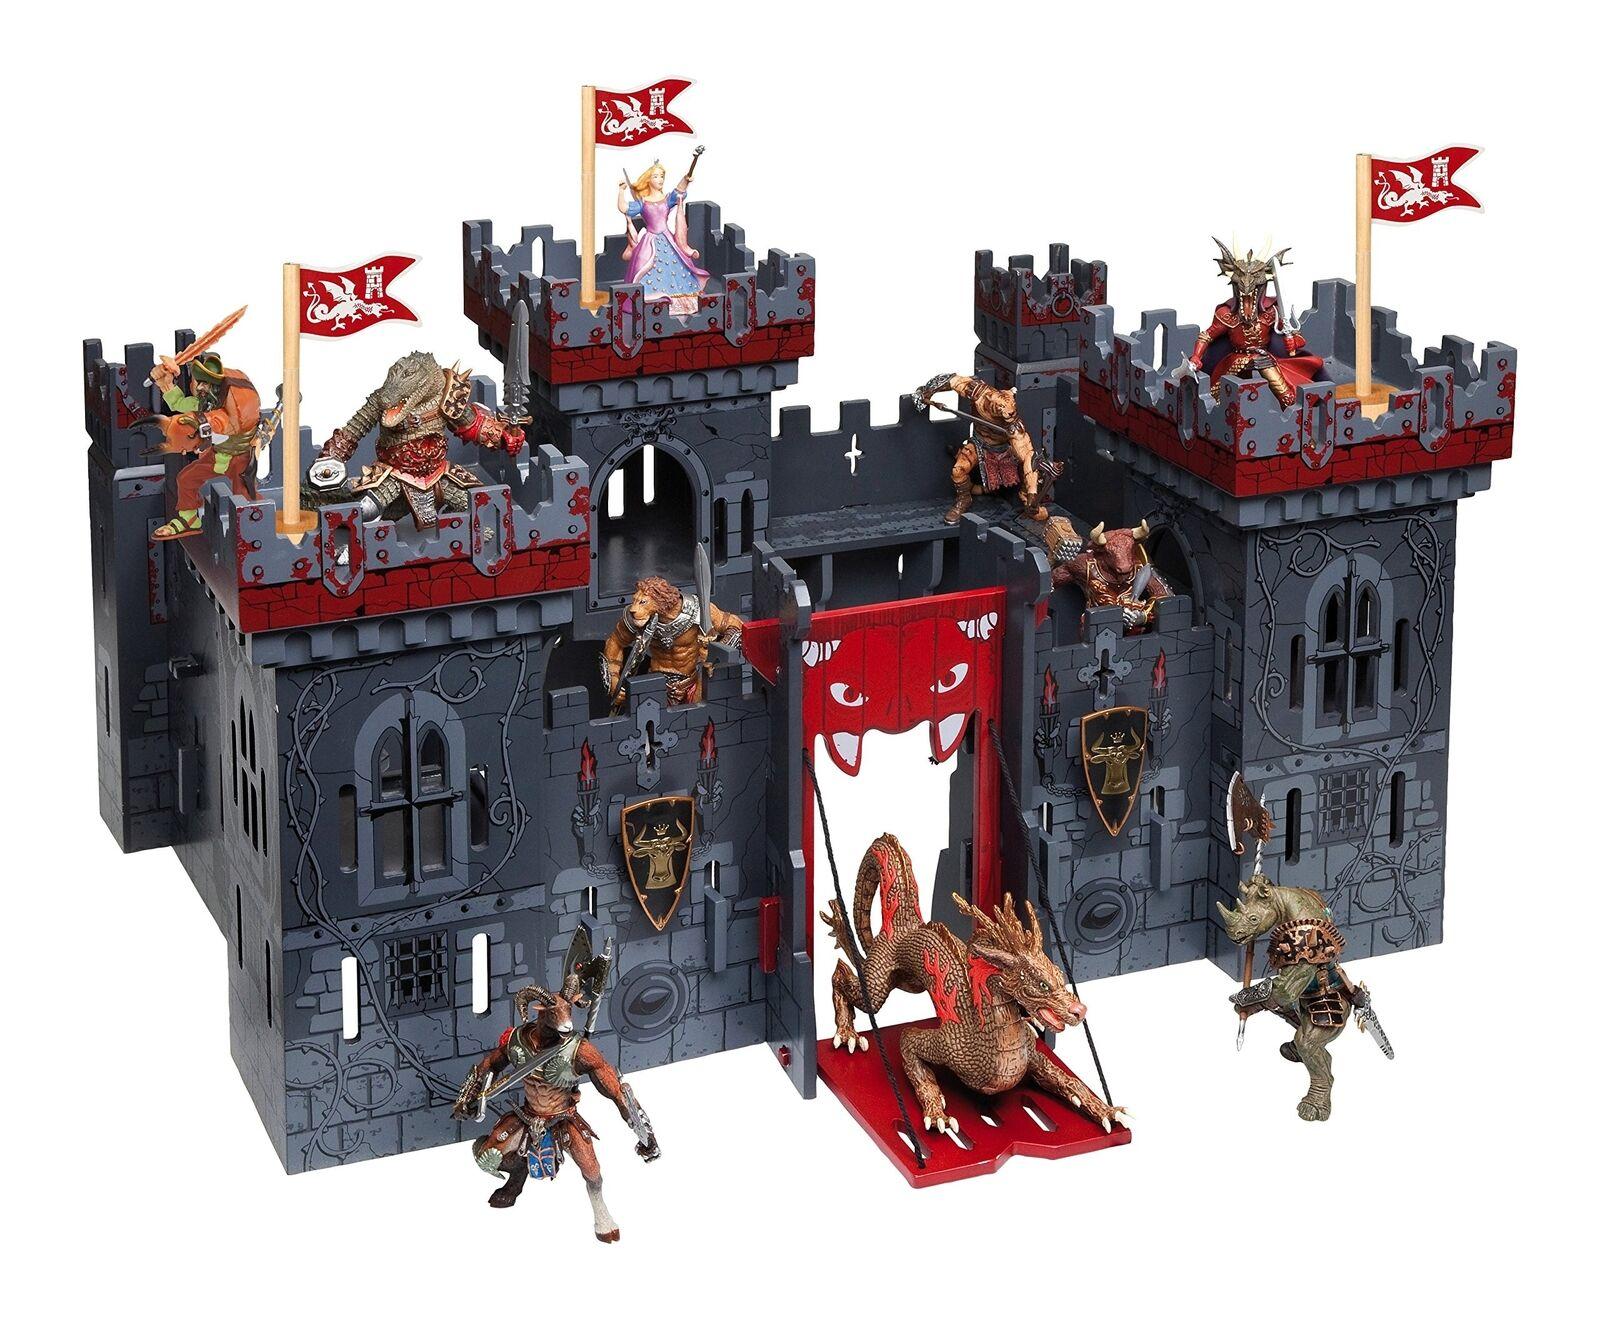 Papo 60052 Mutant Castle Playset The Mutants' castle